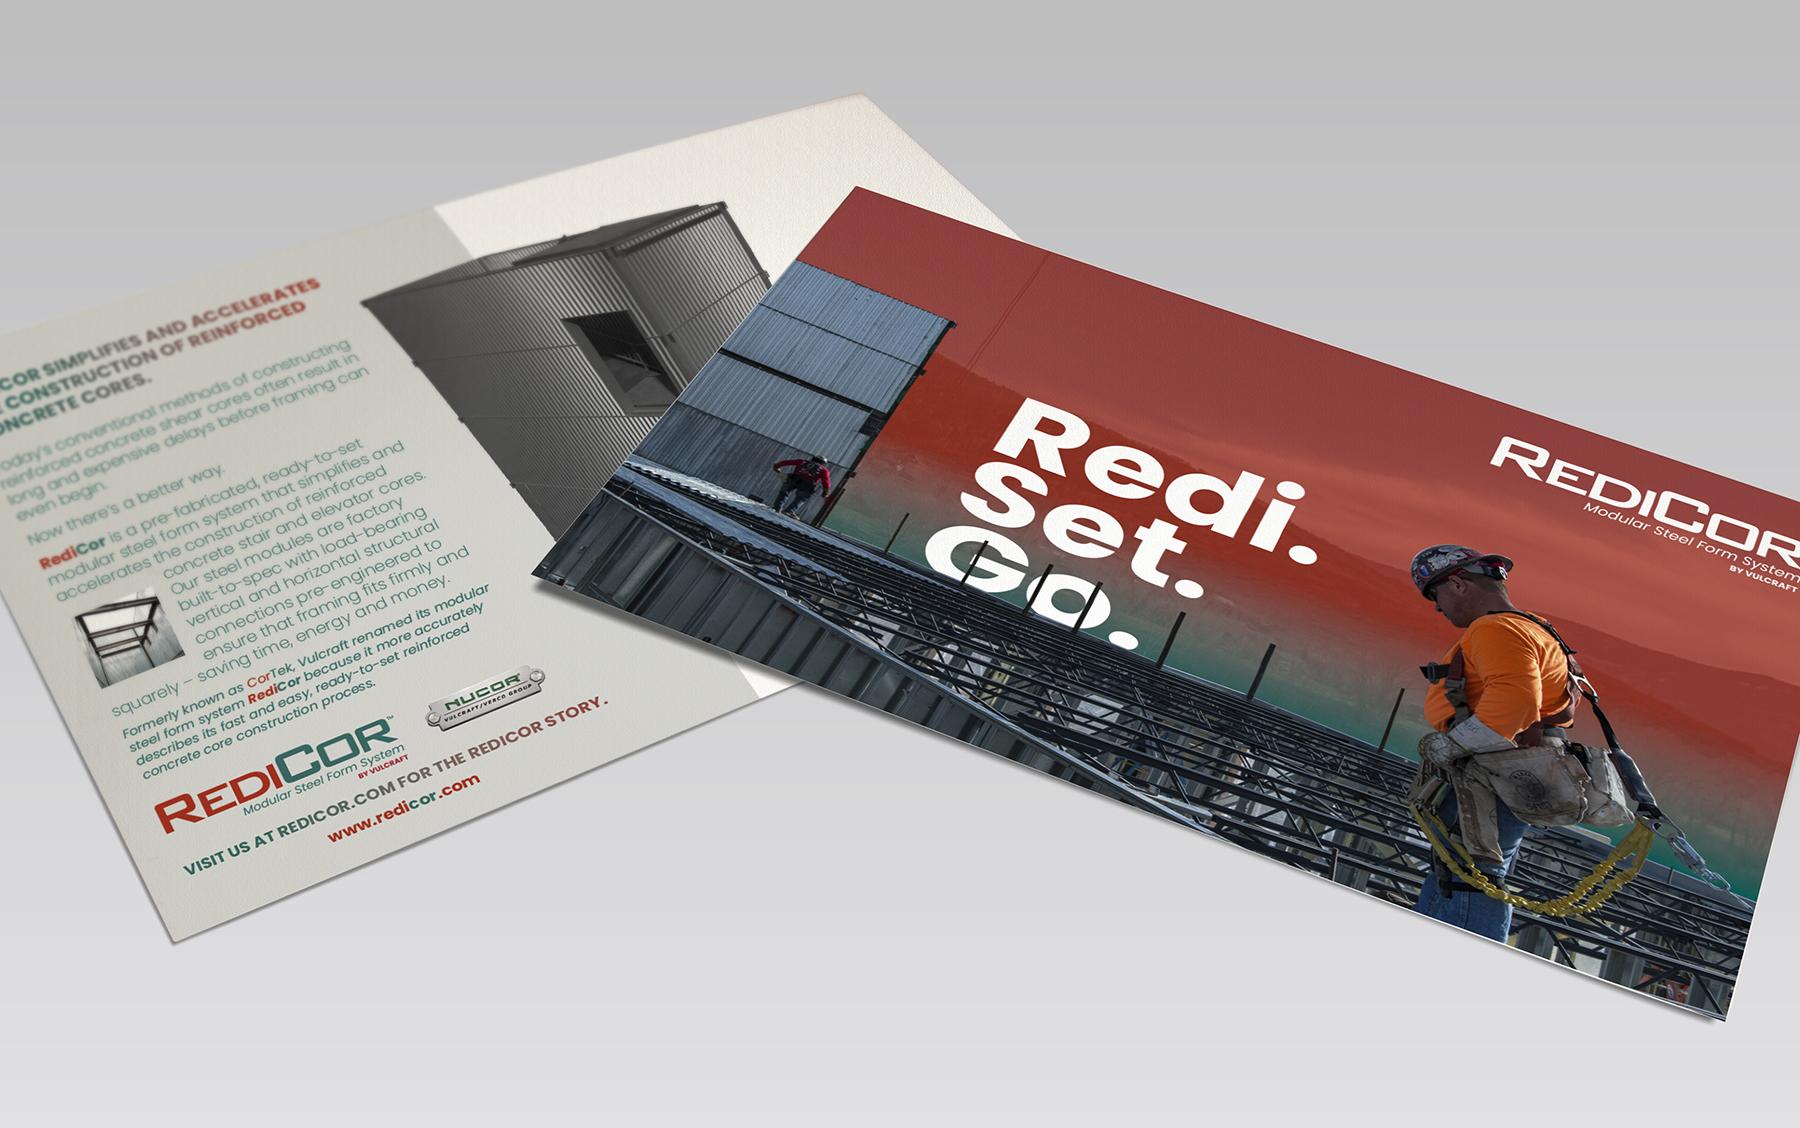 RediCor postcard campaign